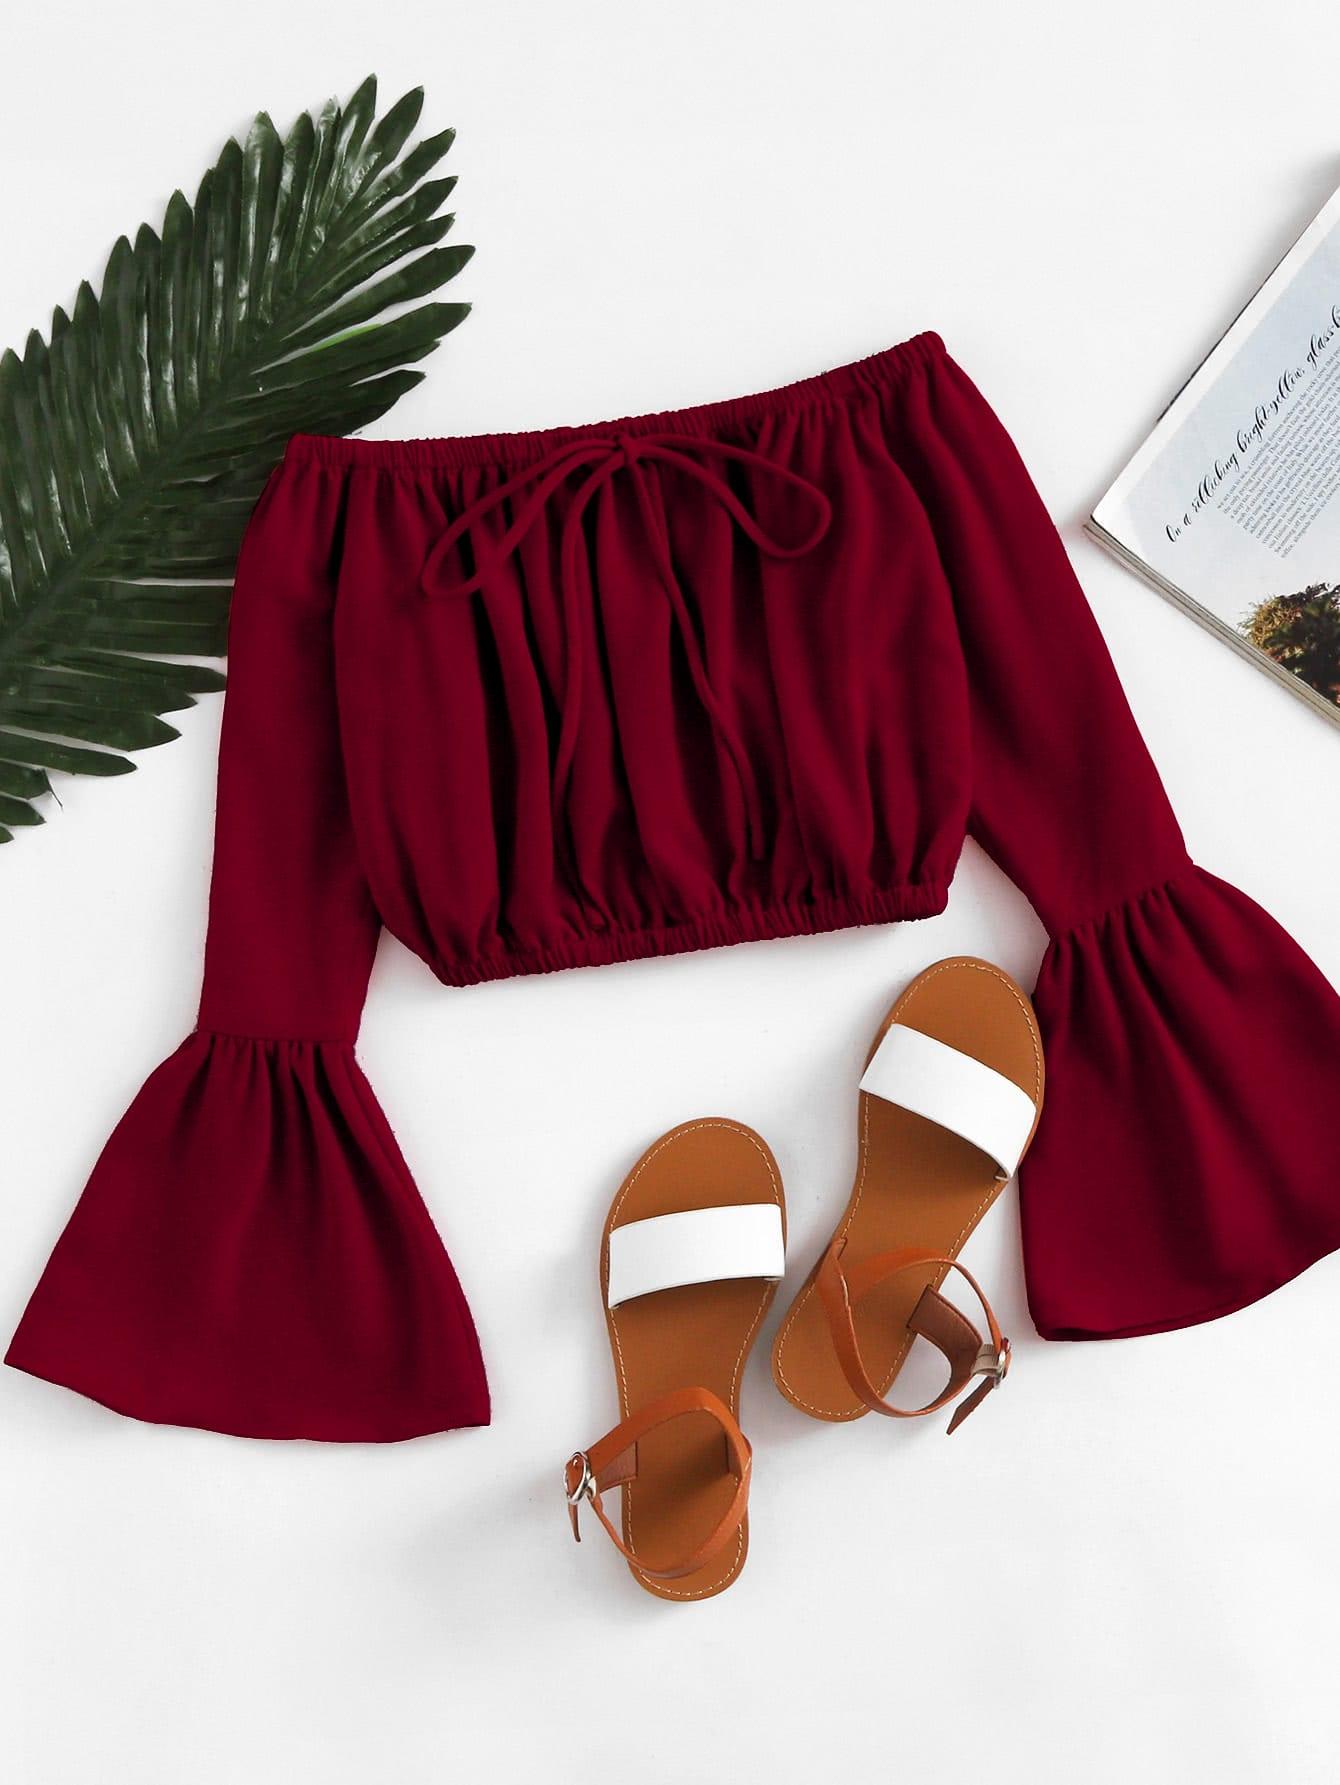 Купить Отпускнойстиль Одноцветный Кайма Бордовый Блузы+рубашки, null, SheIn